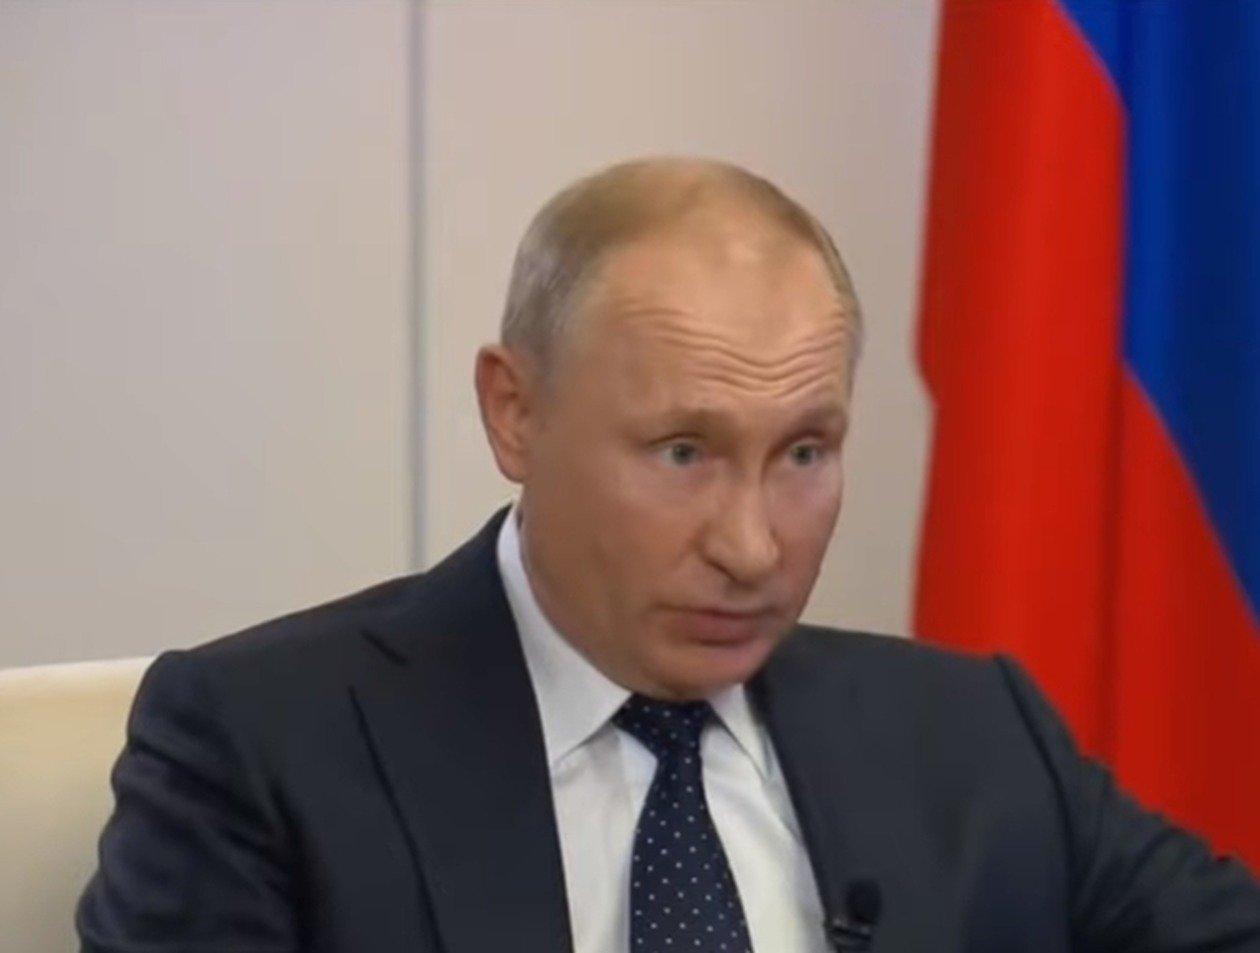 Путин рассказал о здоровье дочери, которая привилась от COVID-19